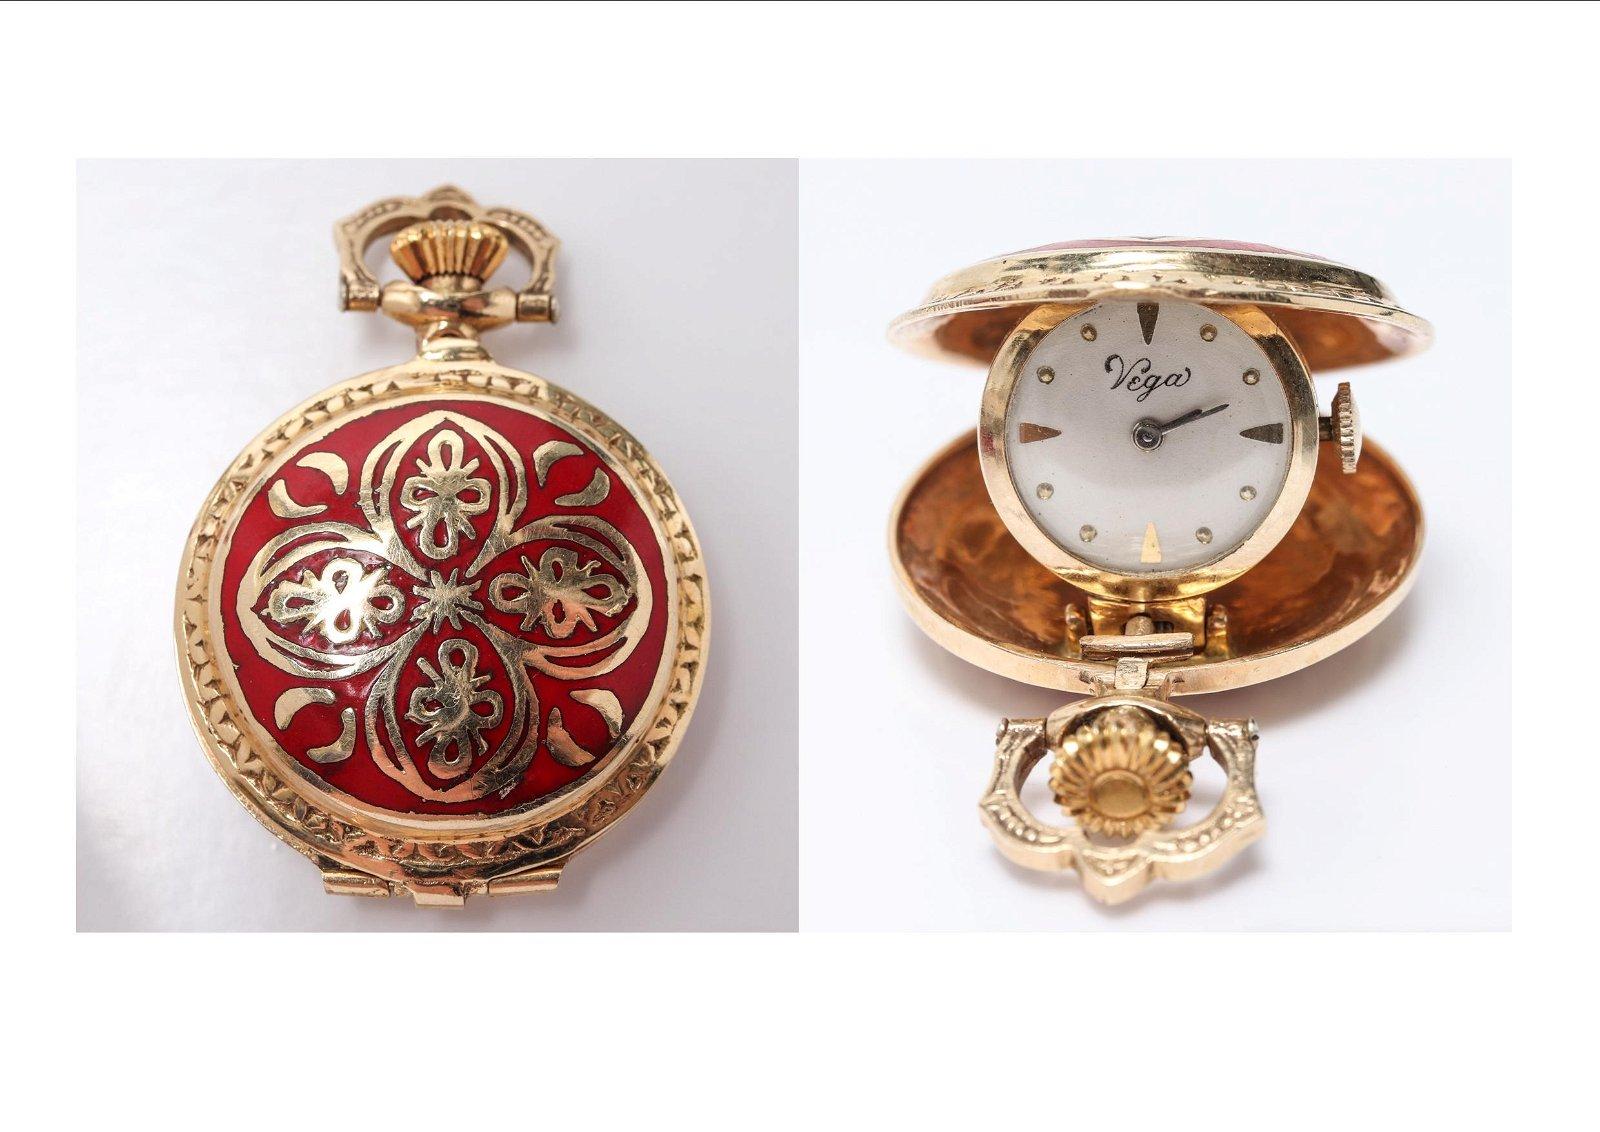 Vintage 14K Yellow Gold Spring Hinge Pocket Watch